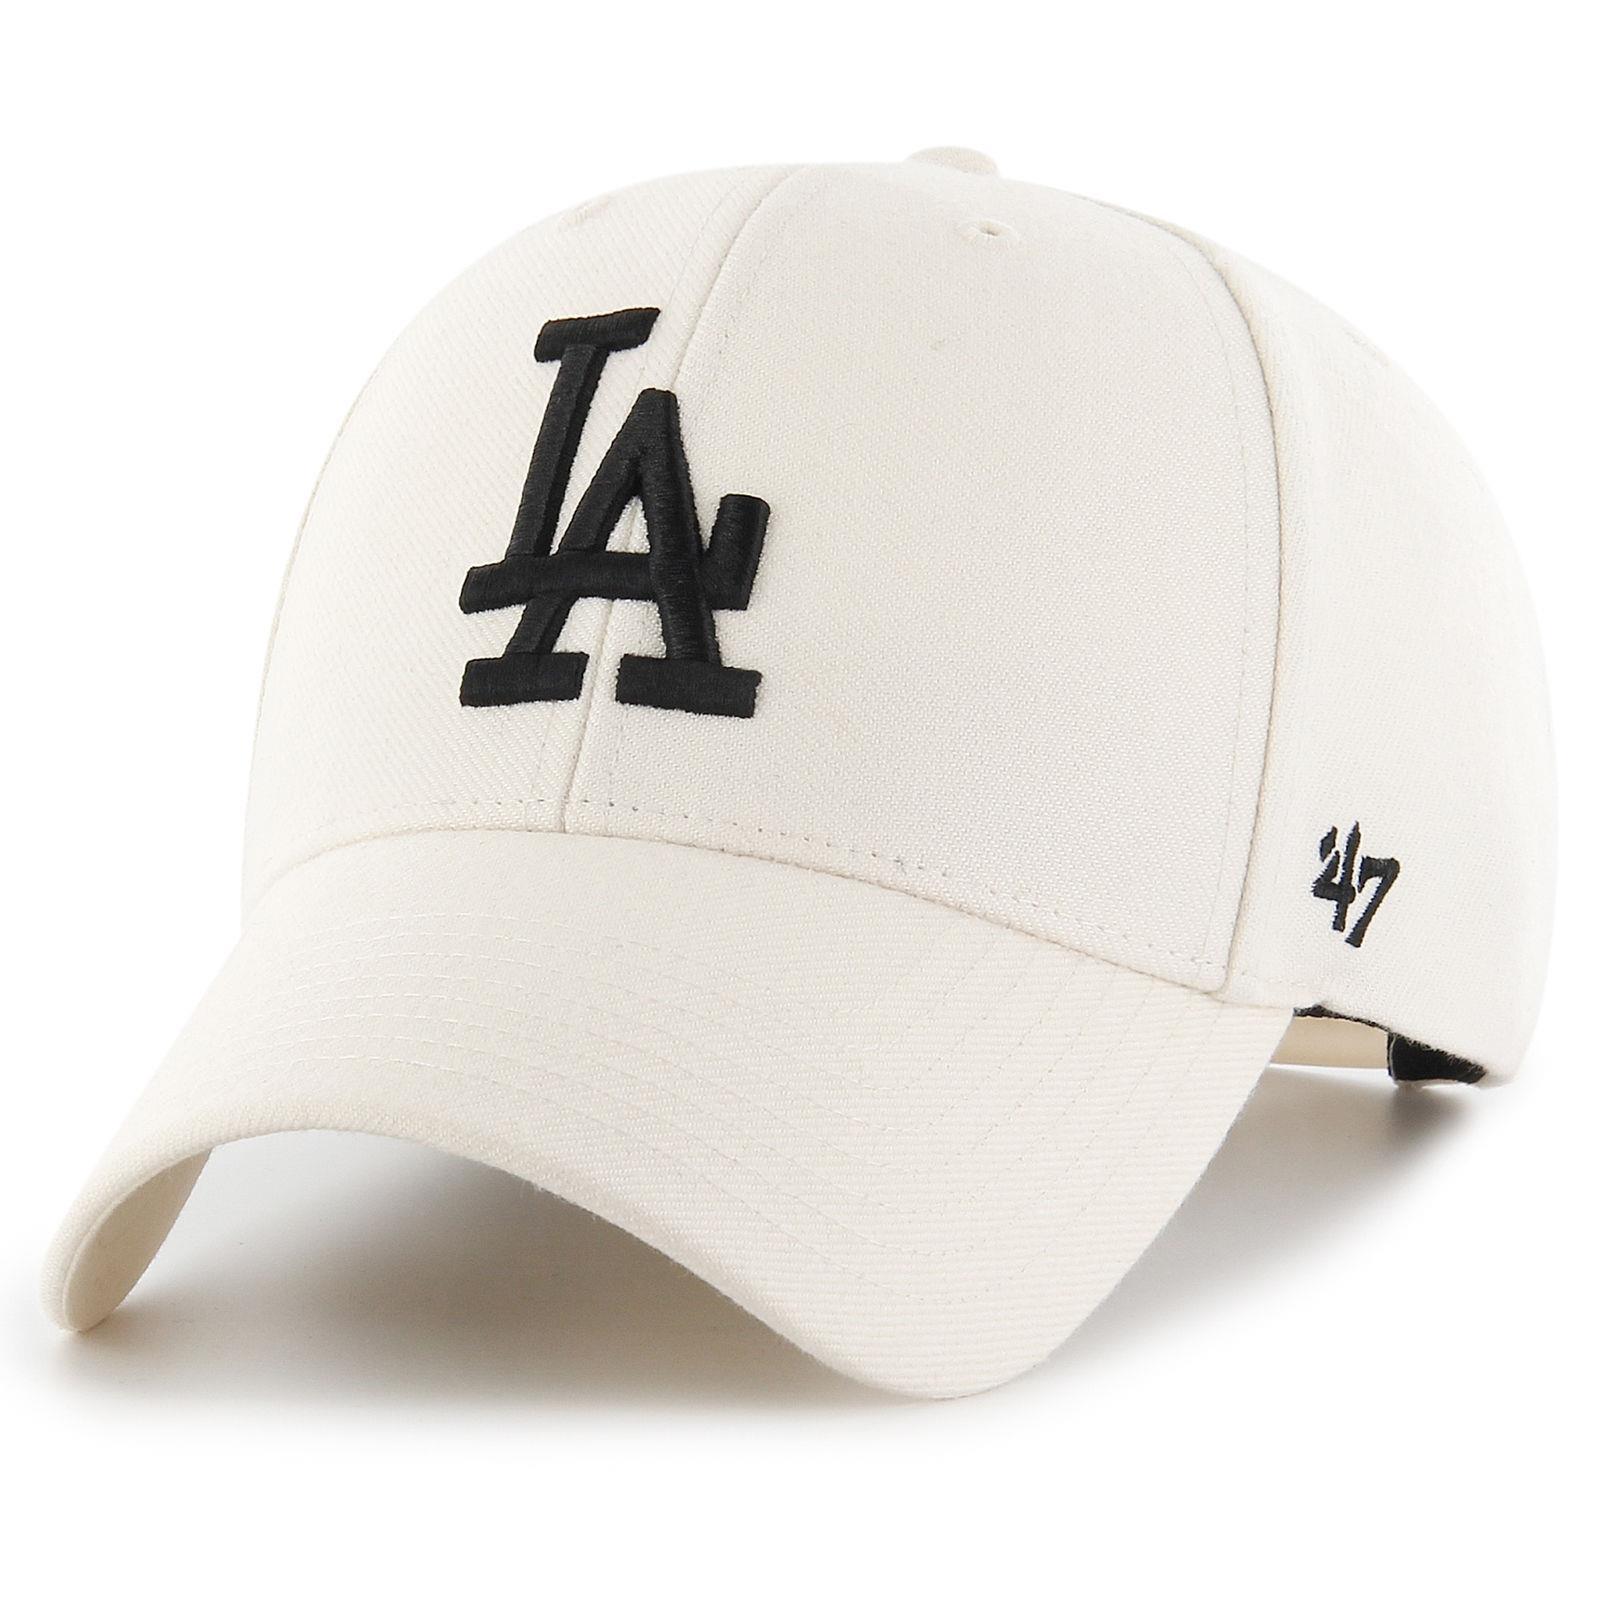 47 marca A trampistas de Los Ángeles de nuevo MLB MVP Snapback gorra  Natural BNWT 2ee5618dd88